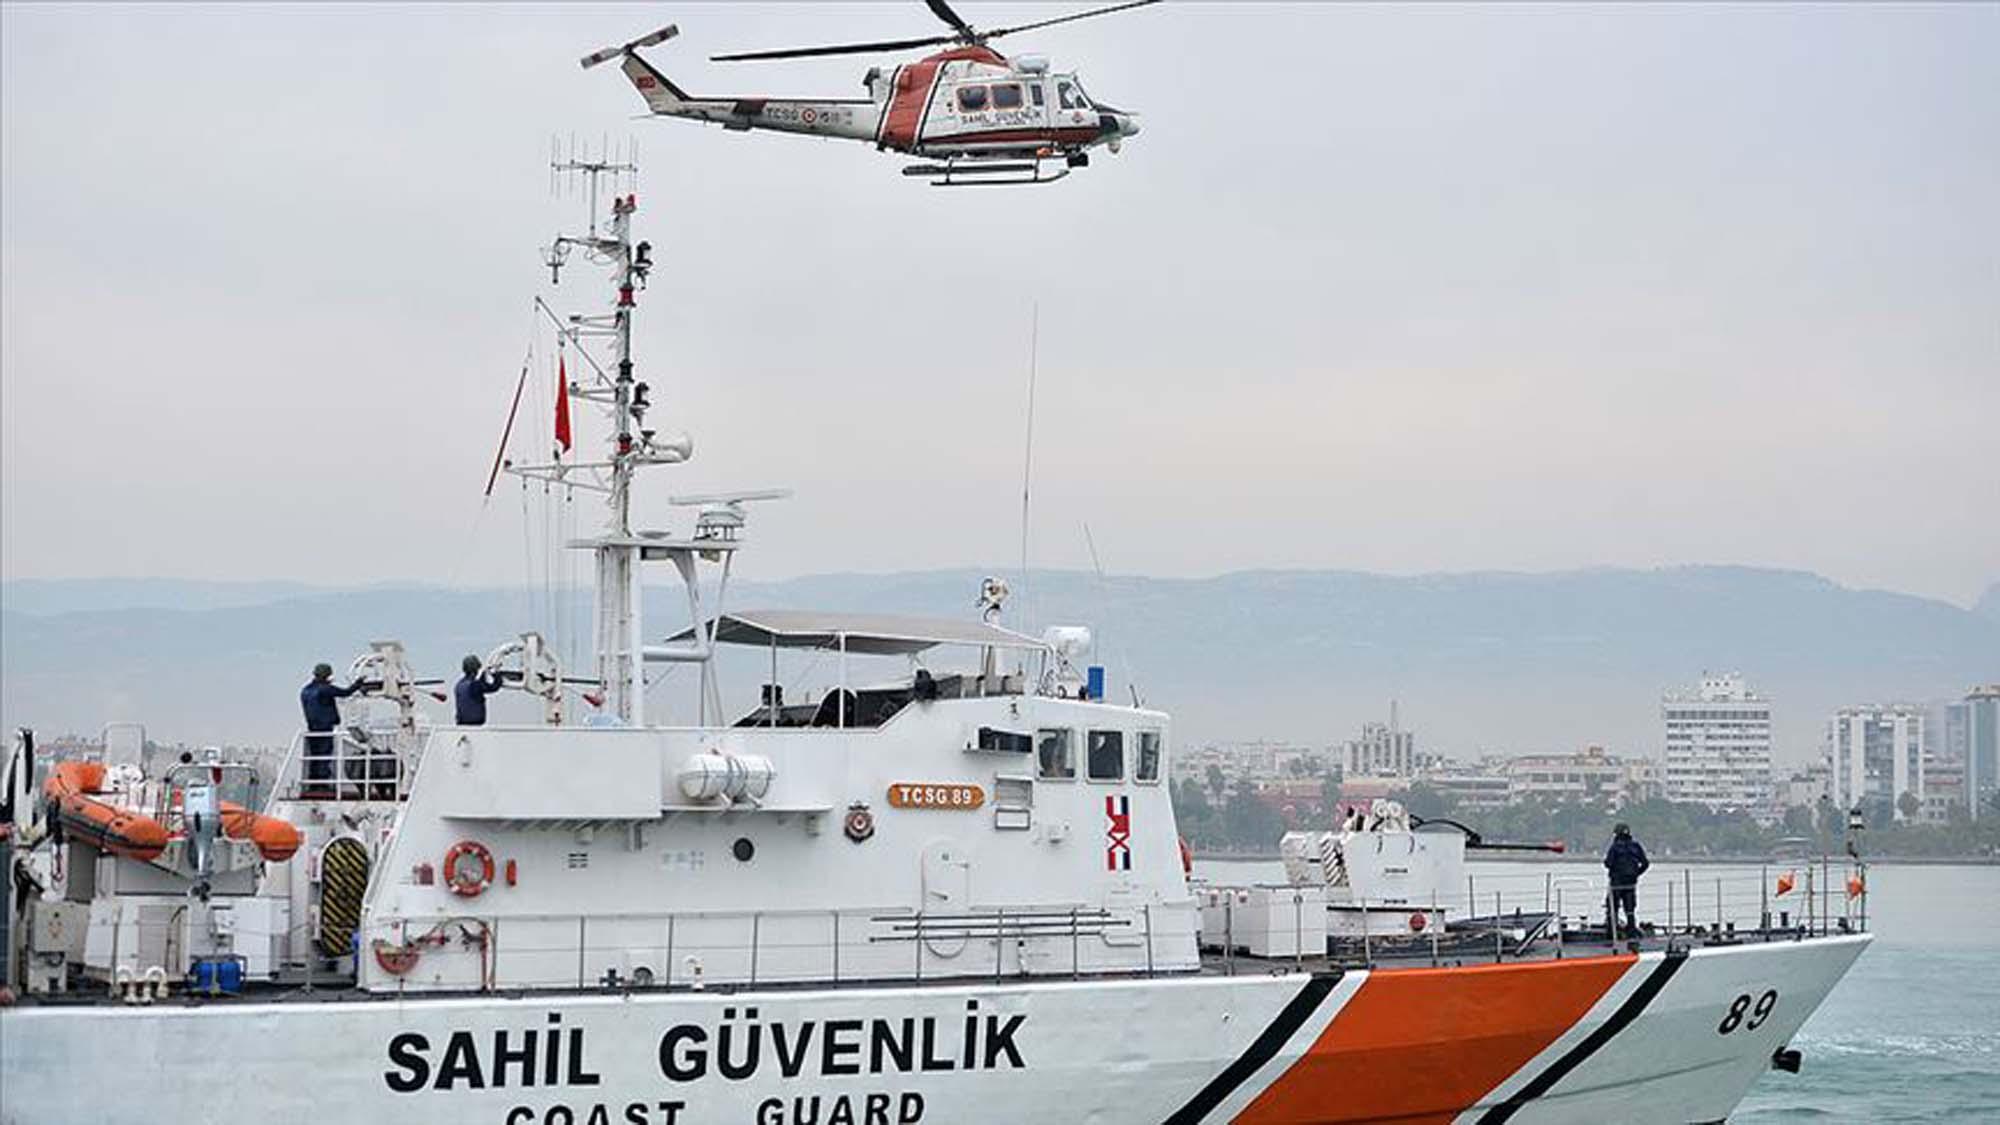 Sahil Güvenlik Komutanlığı uzman erbaş alımı başvuru şartları neler 2021? Sahil Güvenlik Komutanlığı kimler başvurabilir?